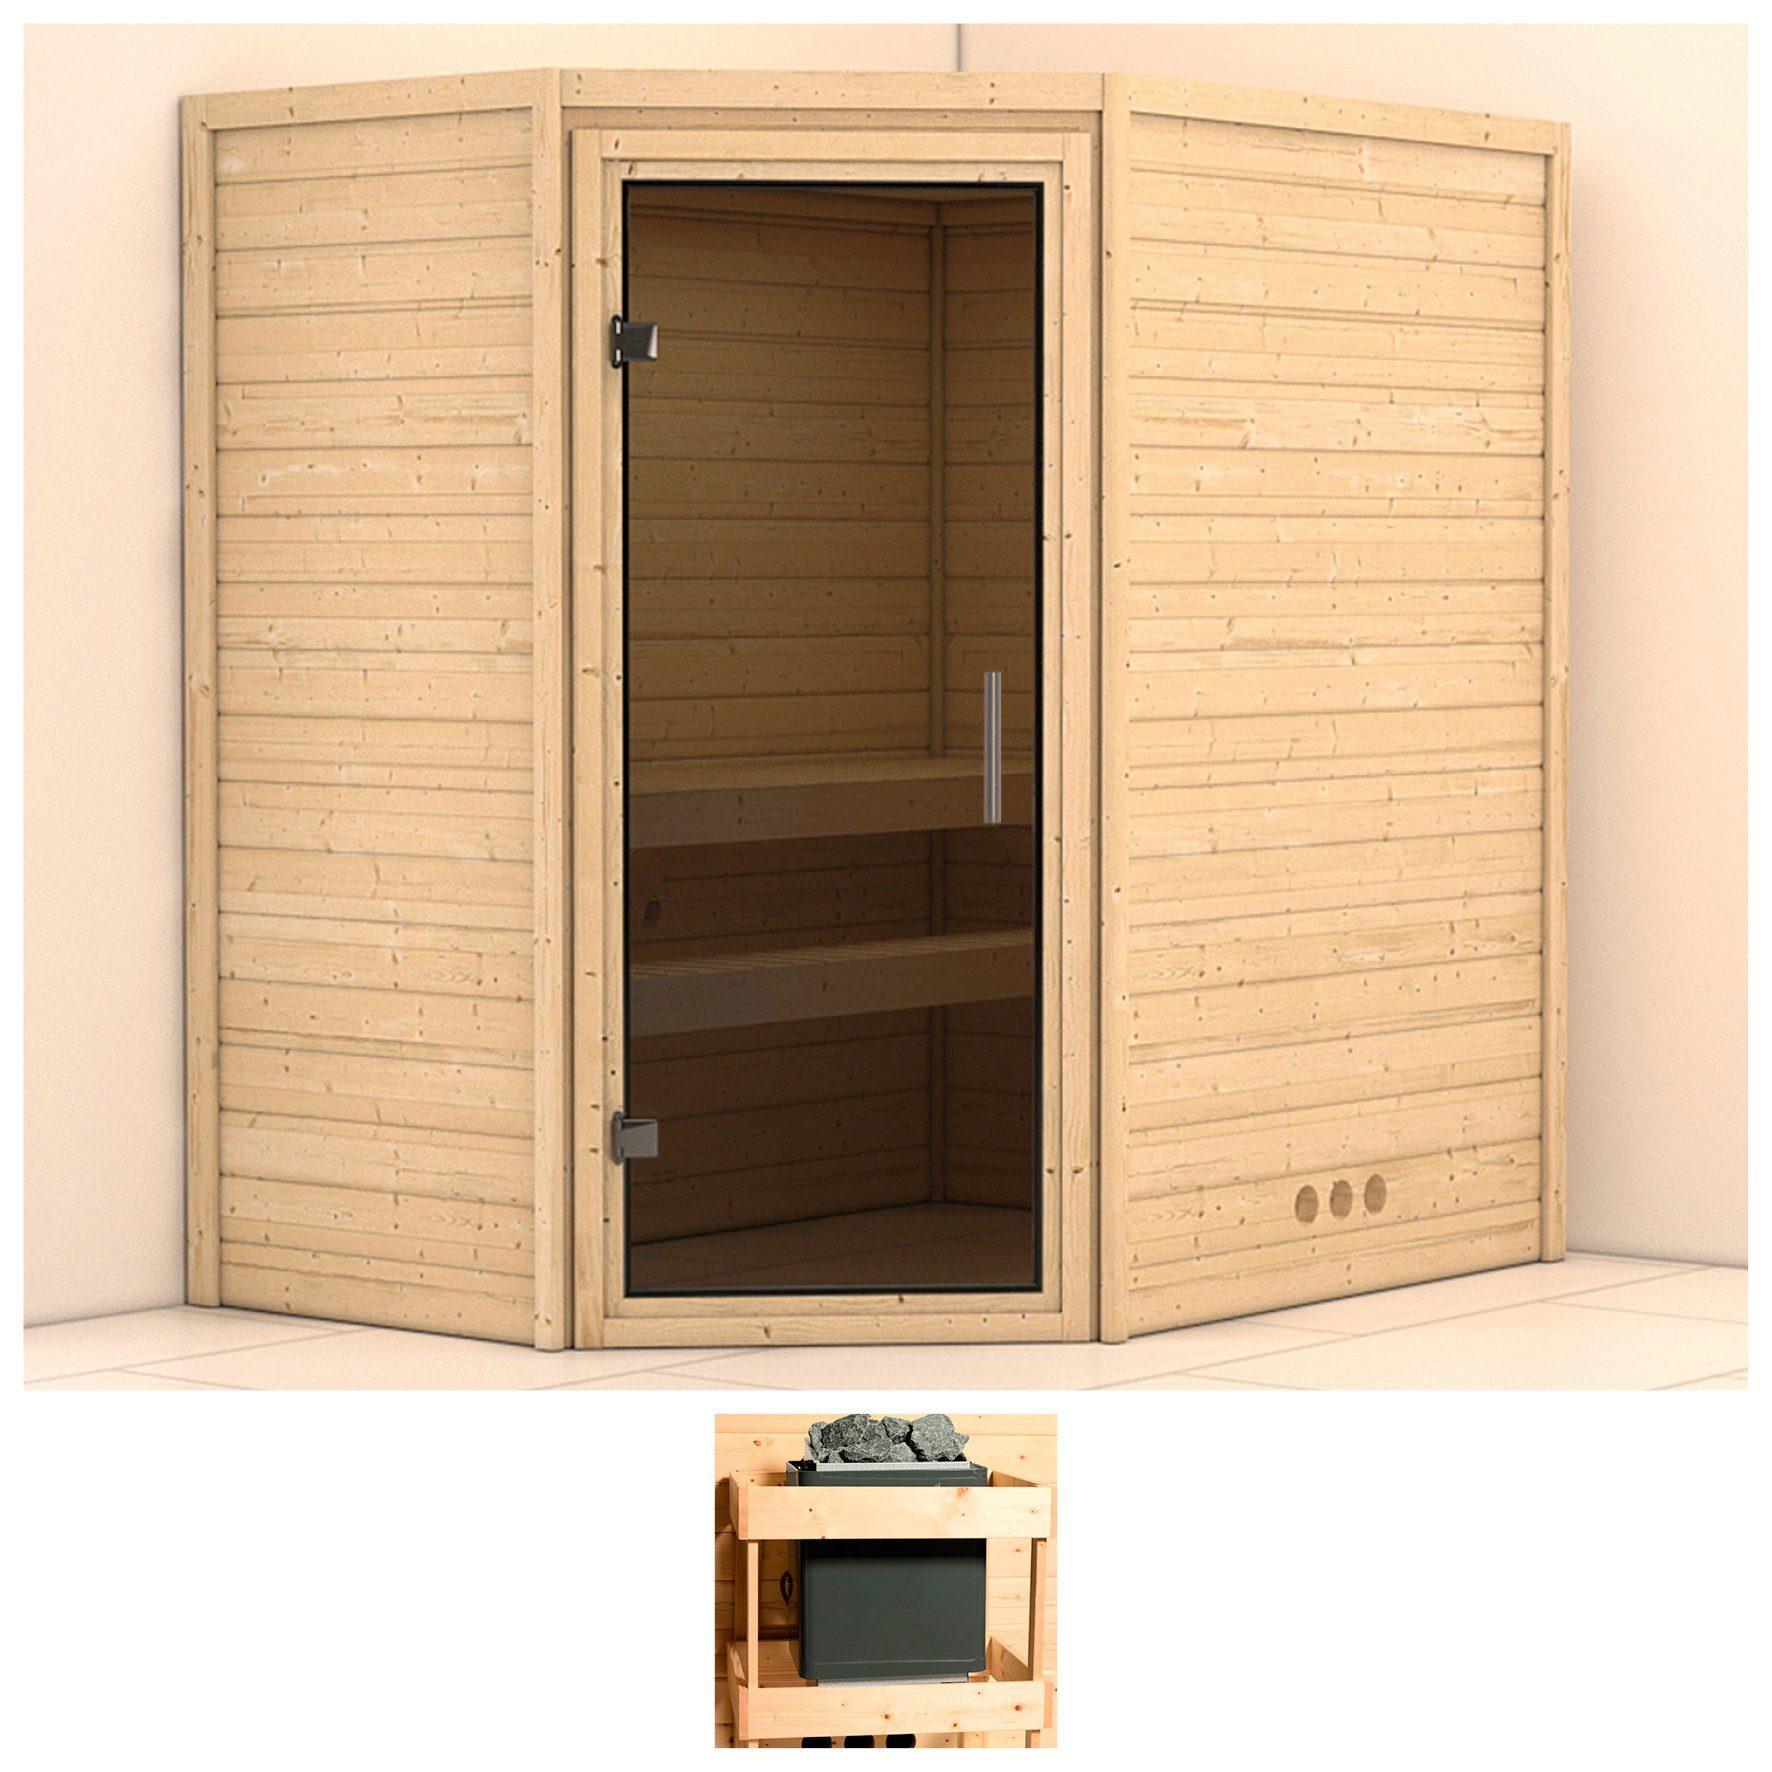 KONIFERA Sauna »Svea«, 196/146/200 cm, ohne Ofen, Glastür grafit